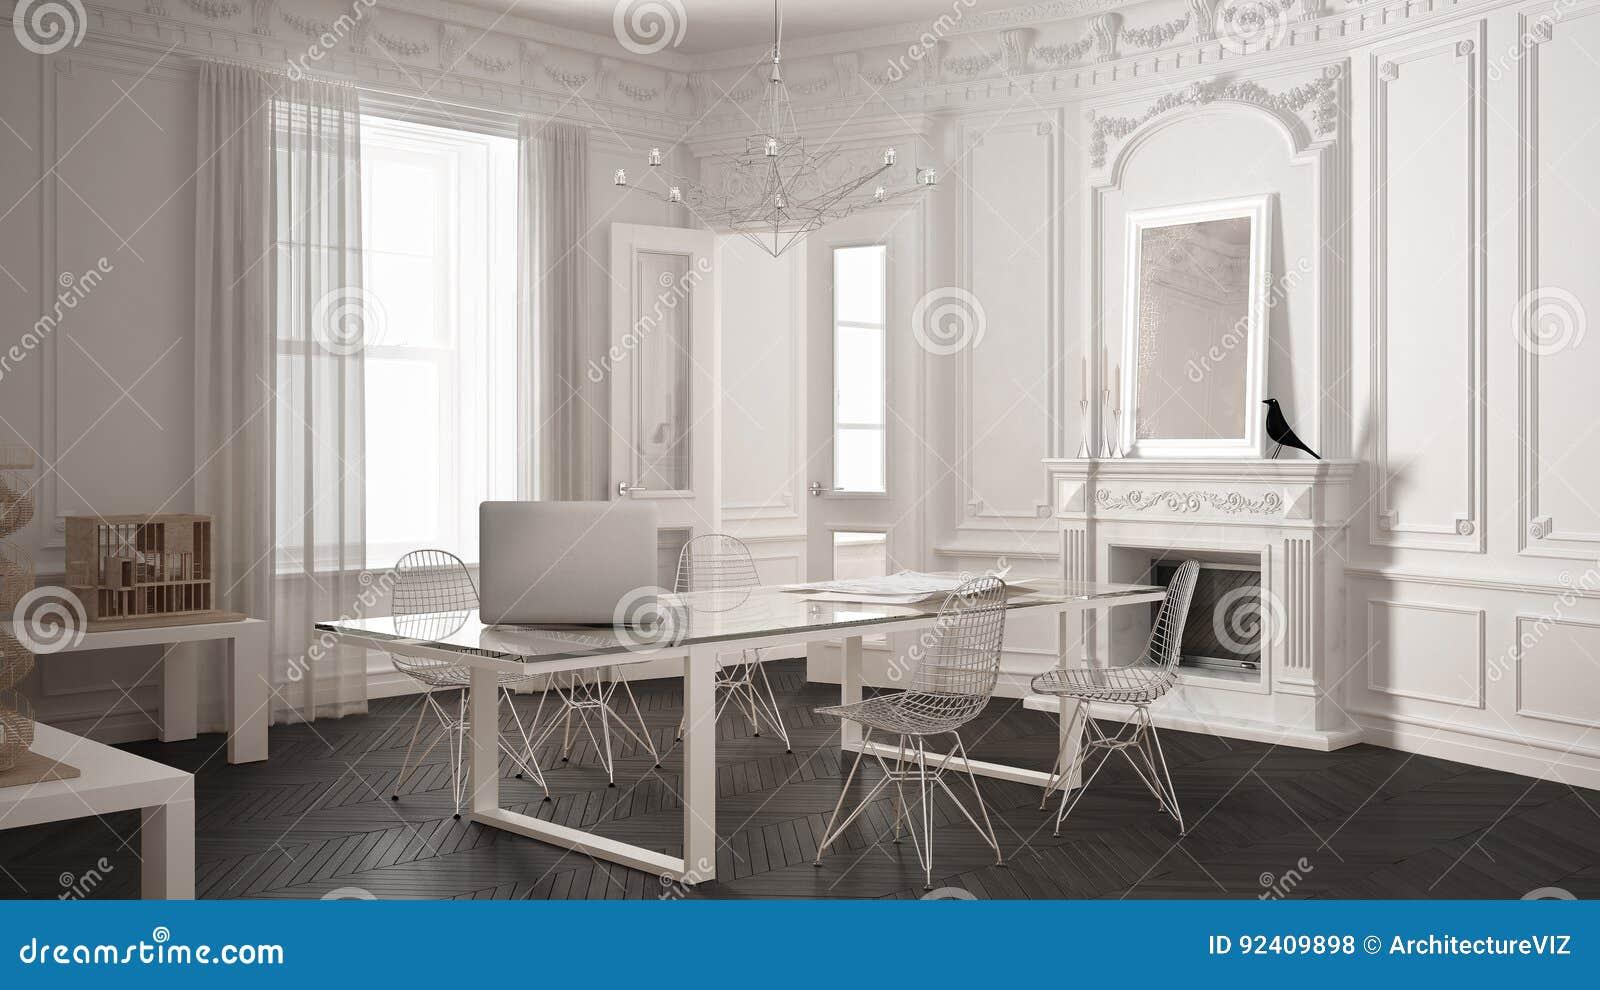 Modern minimalistisch bureau in klassieke uitstekende ruimte met